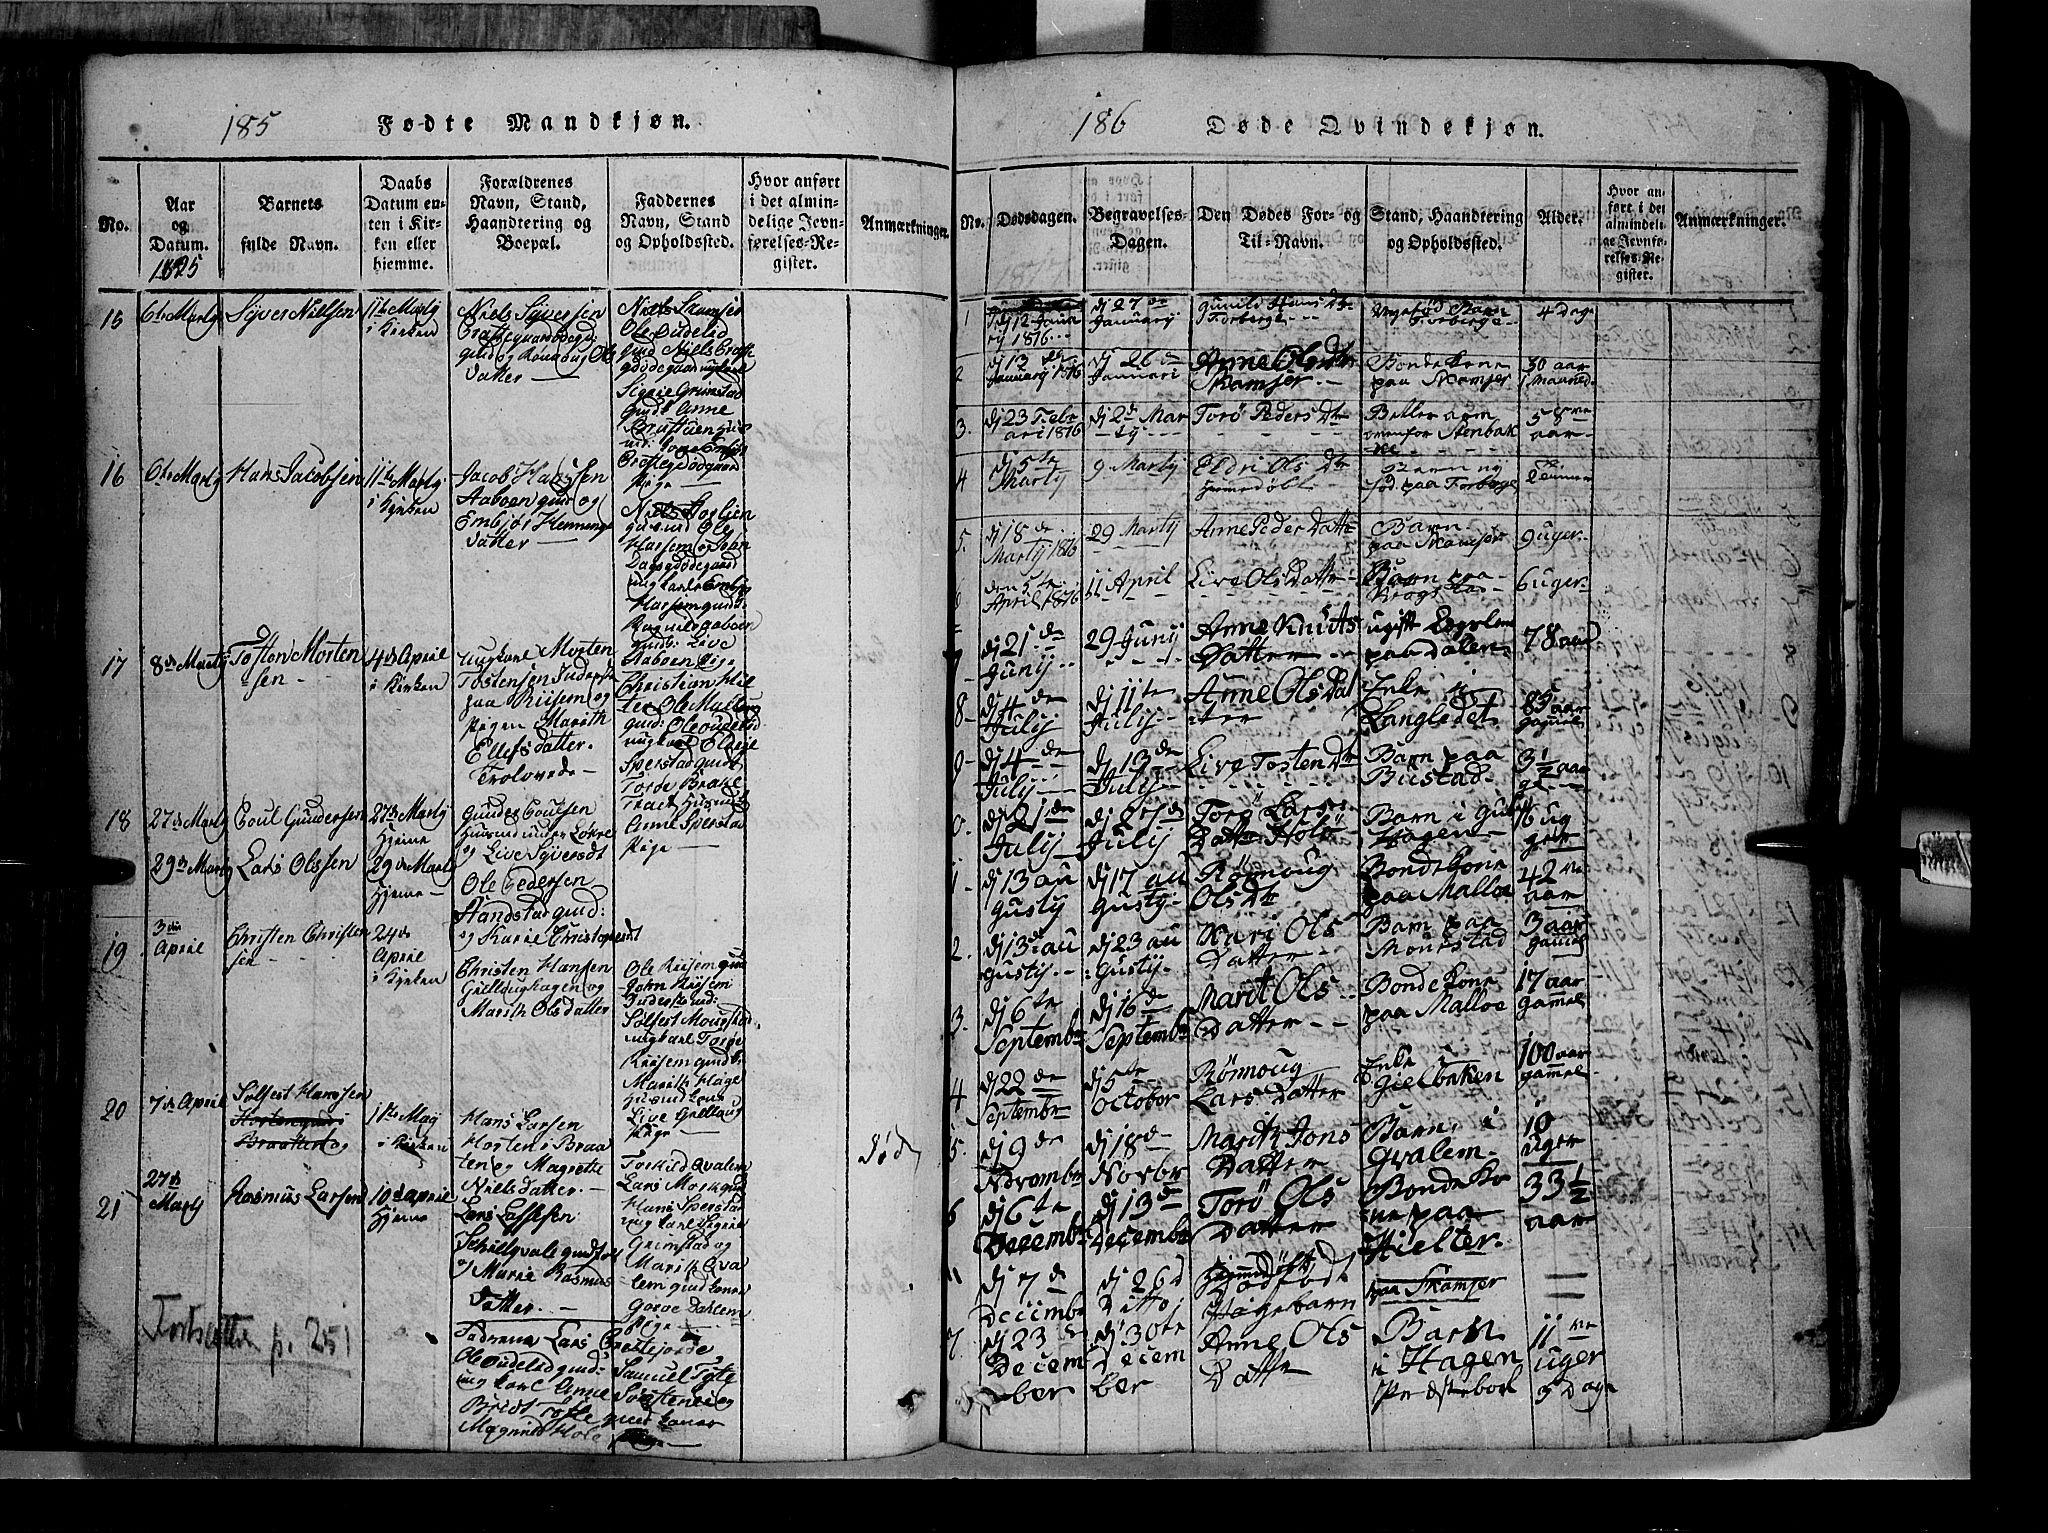 SAH, Lom prestekontor, L/L0003: Klokkerbok nr. 3, 1815-1844, s. 185-186